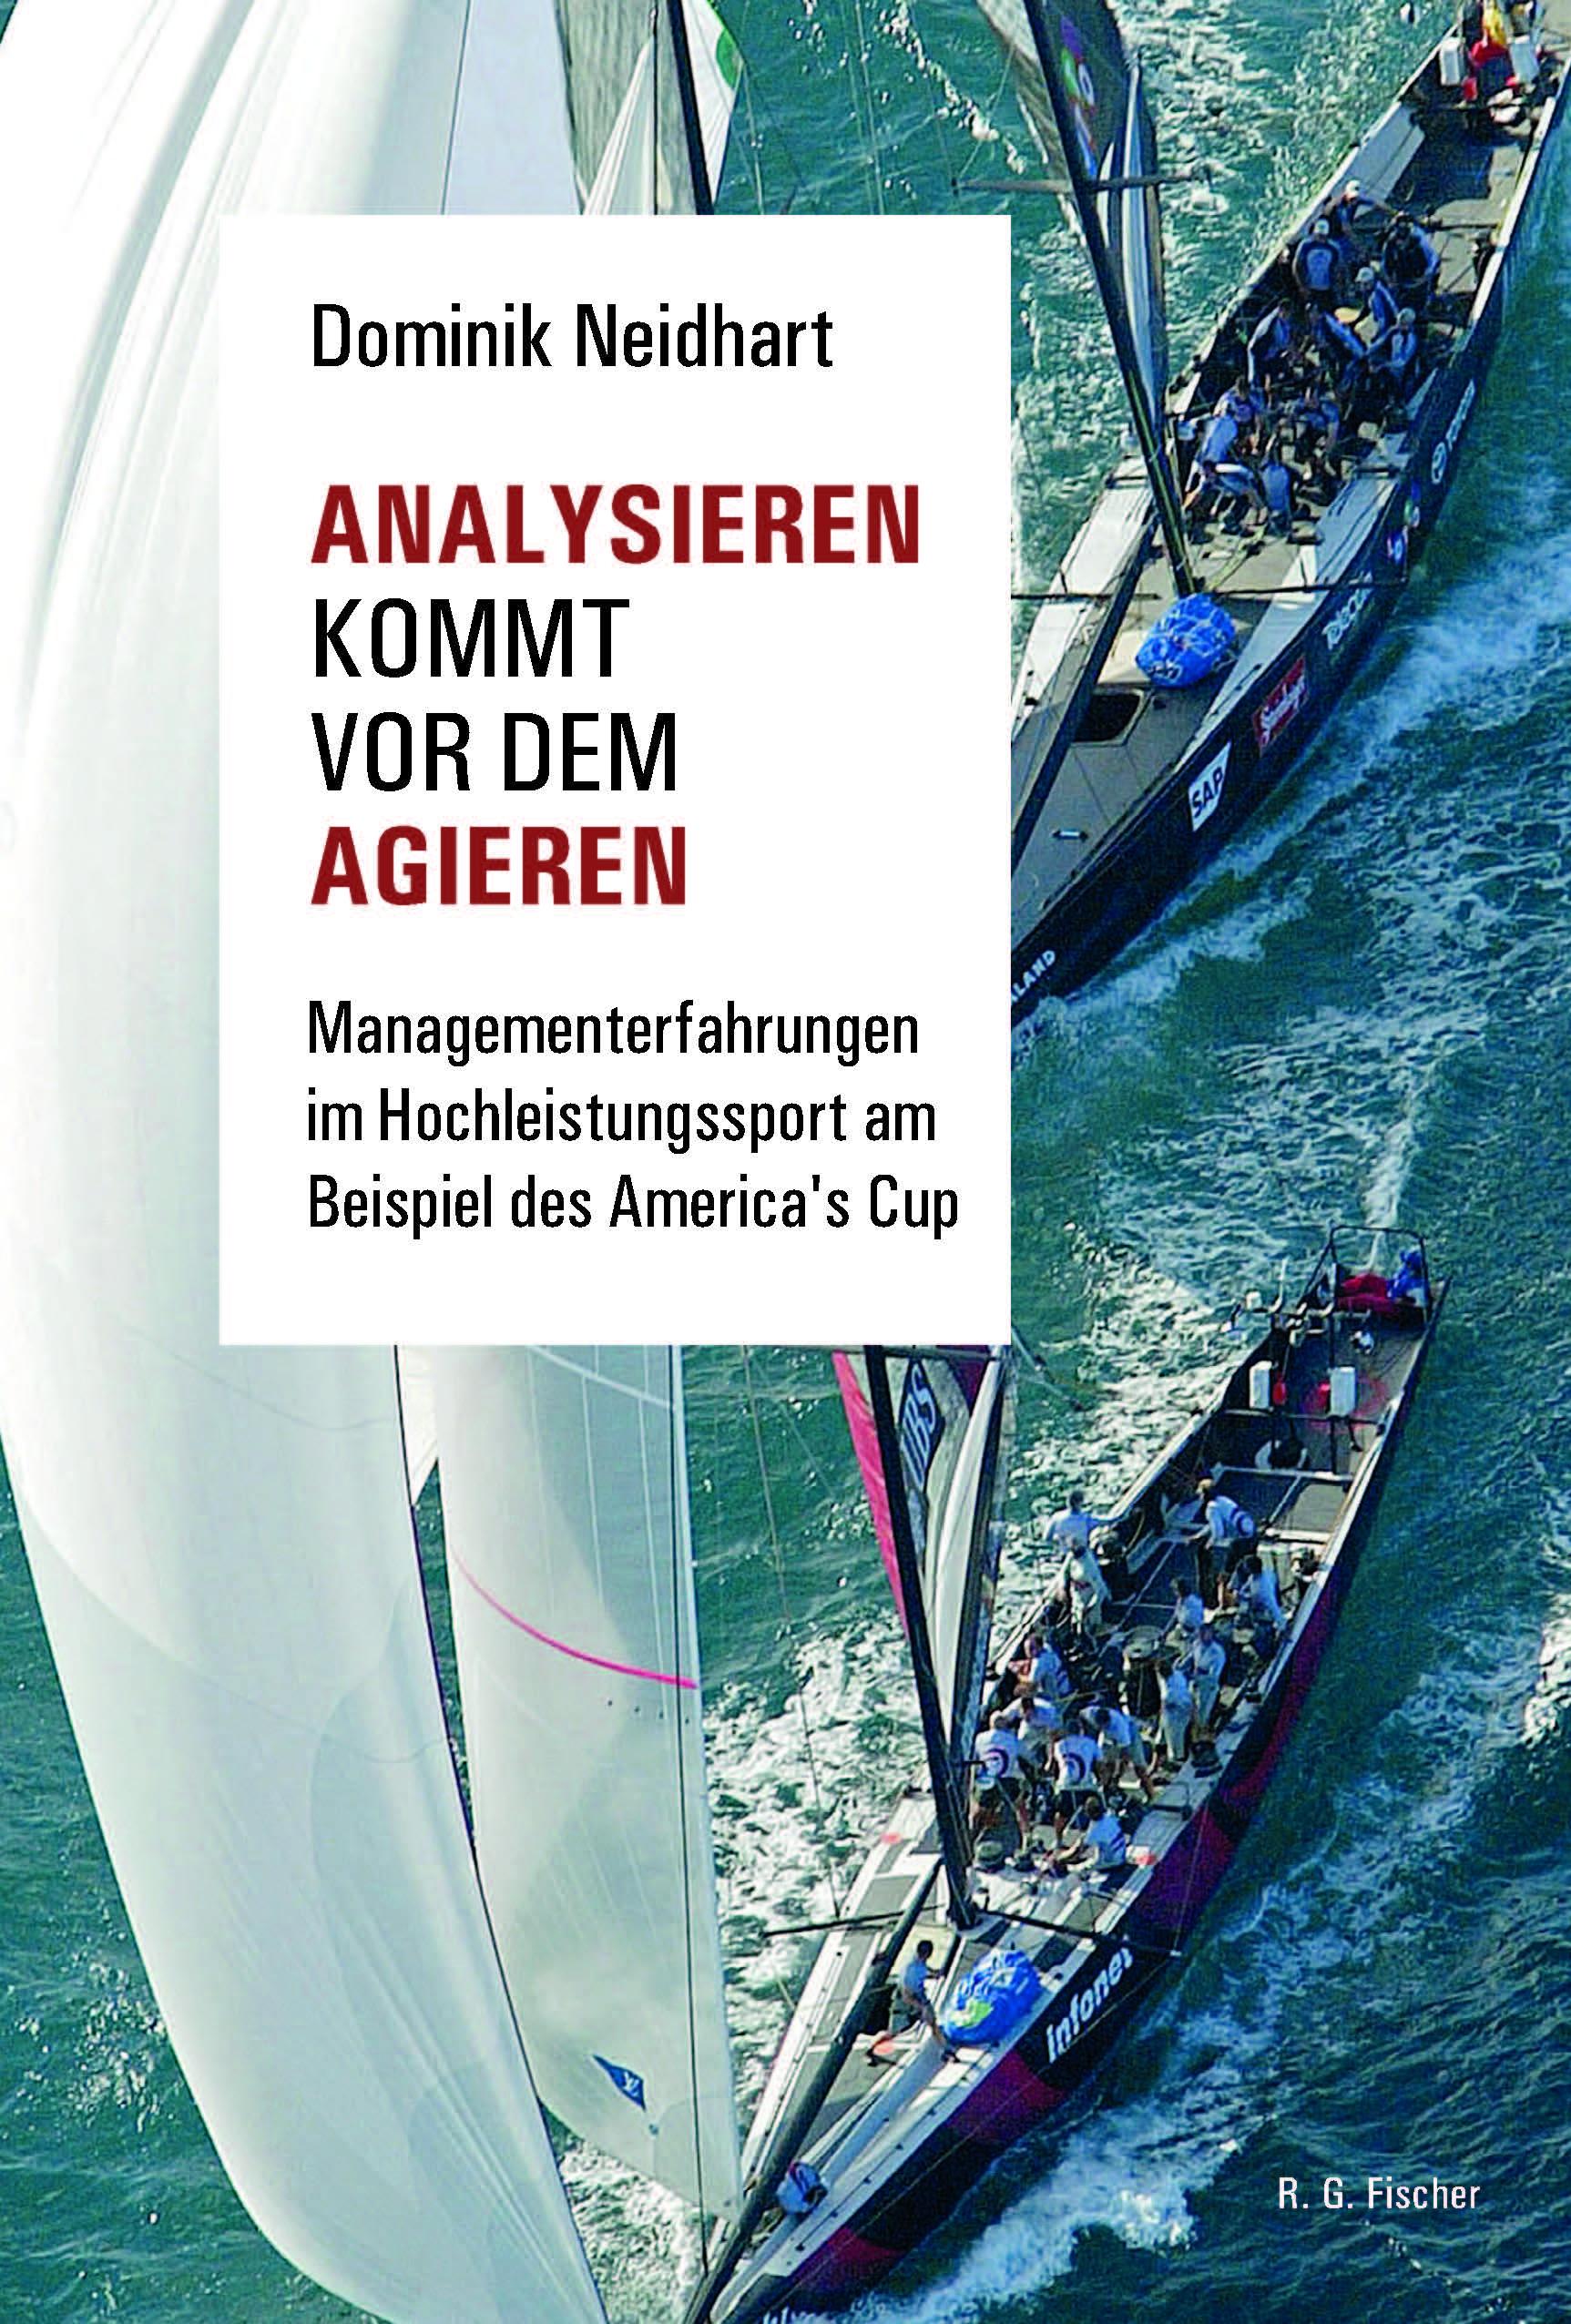 Expert Marketplace -  Dominik Neidhart  - Analysieren kommt vor dem Agieren